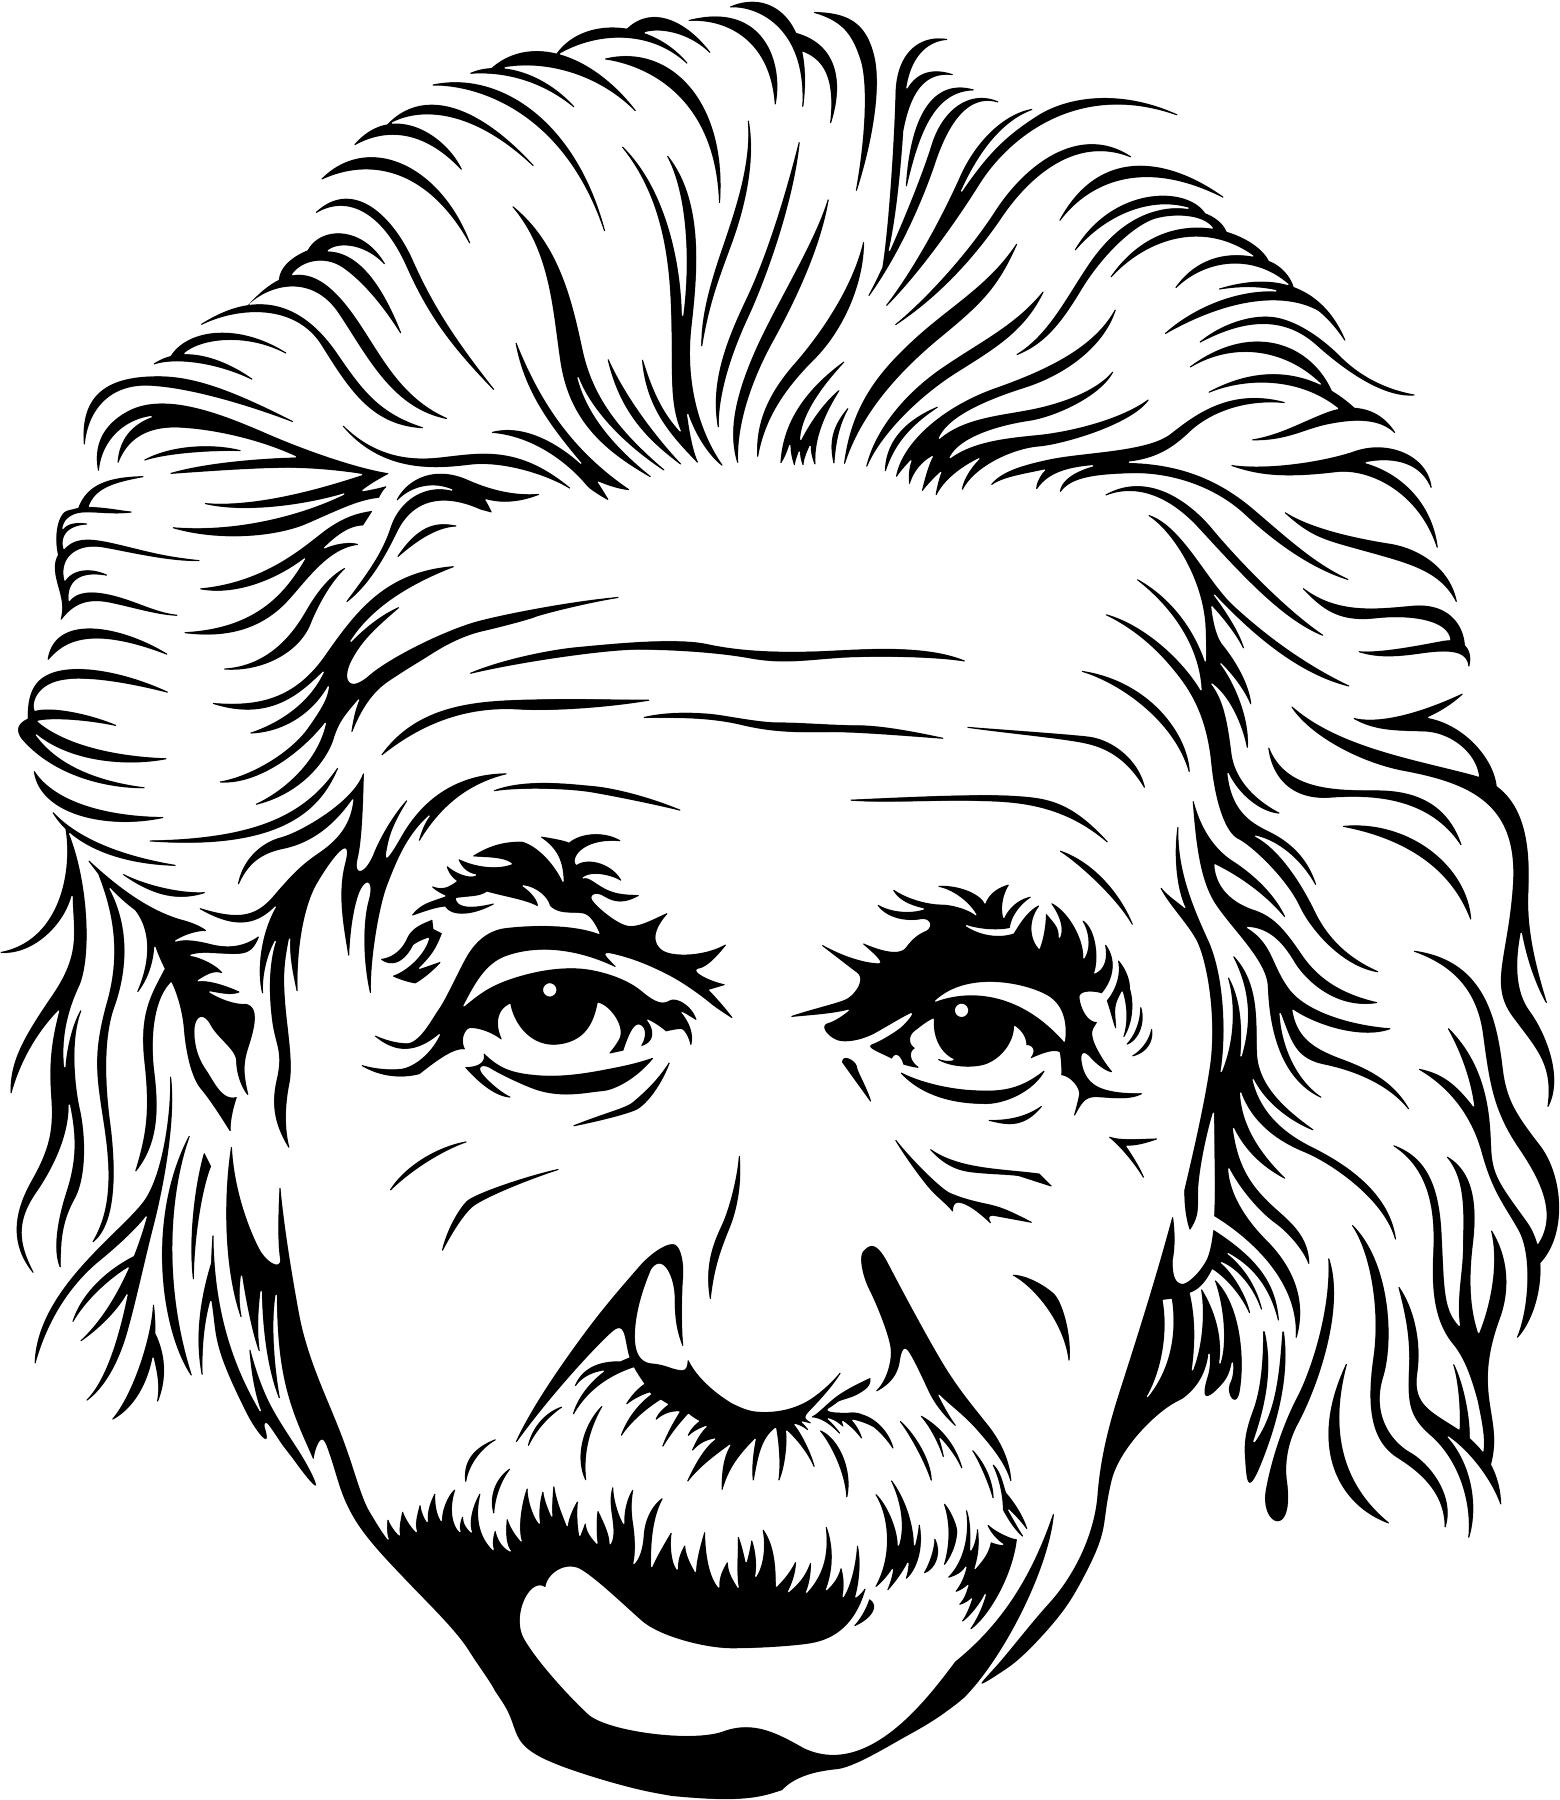 Albert Einstein Vinilos Decorativos Albert Decorativos Einstein Vinilos Hipster Drawings Dark Art Drawings Pencil Art Drawings